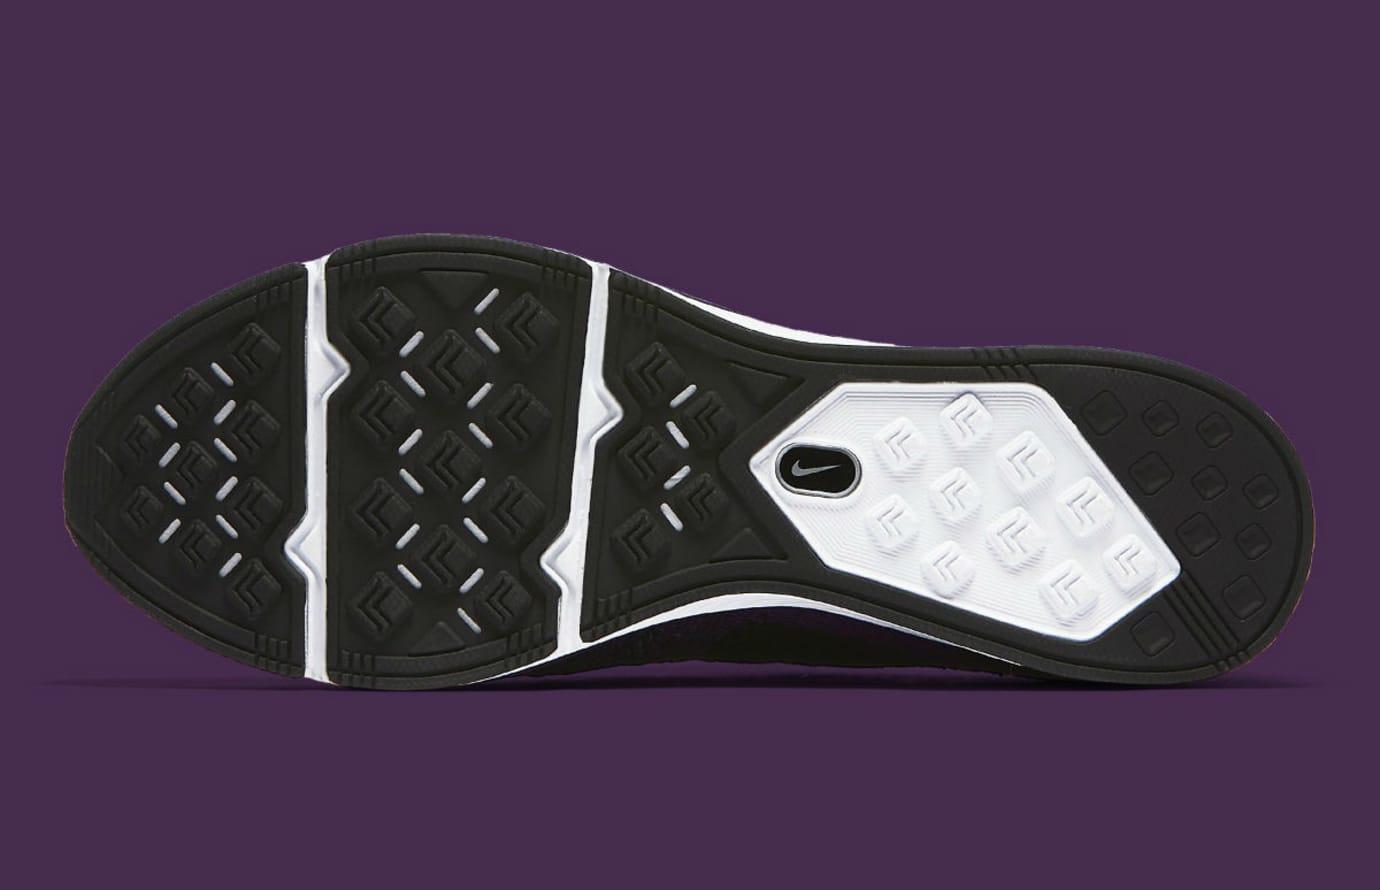 Nike Flyknit Trainer Night Purple Release Date AH8396-500 Sole